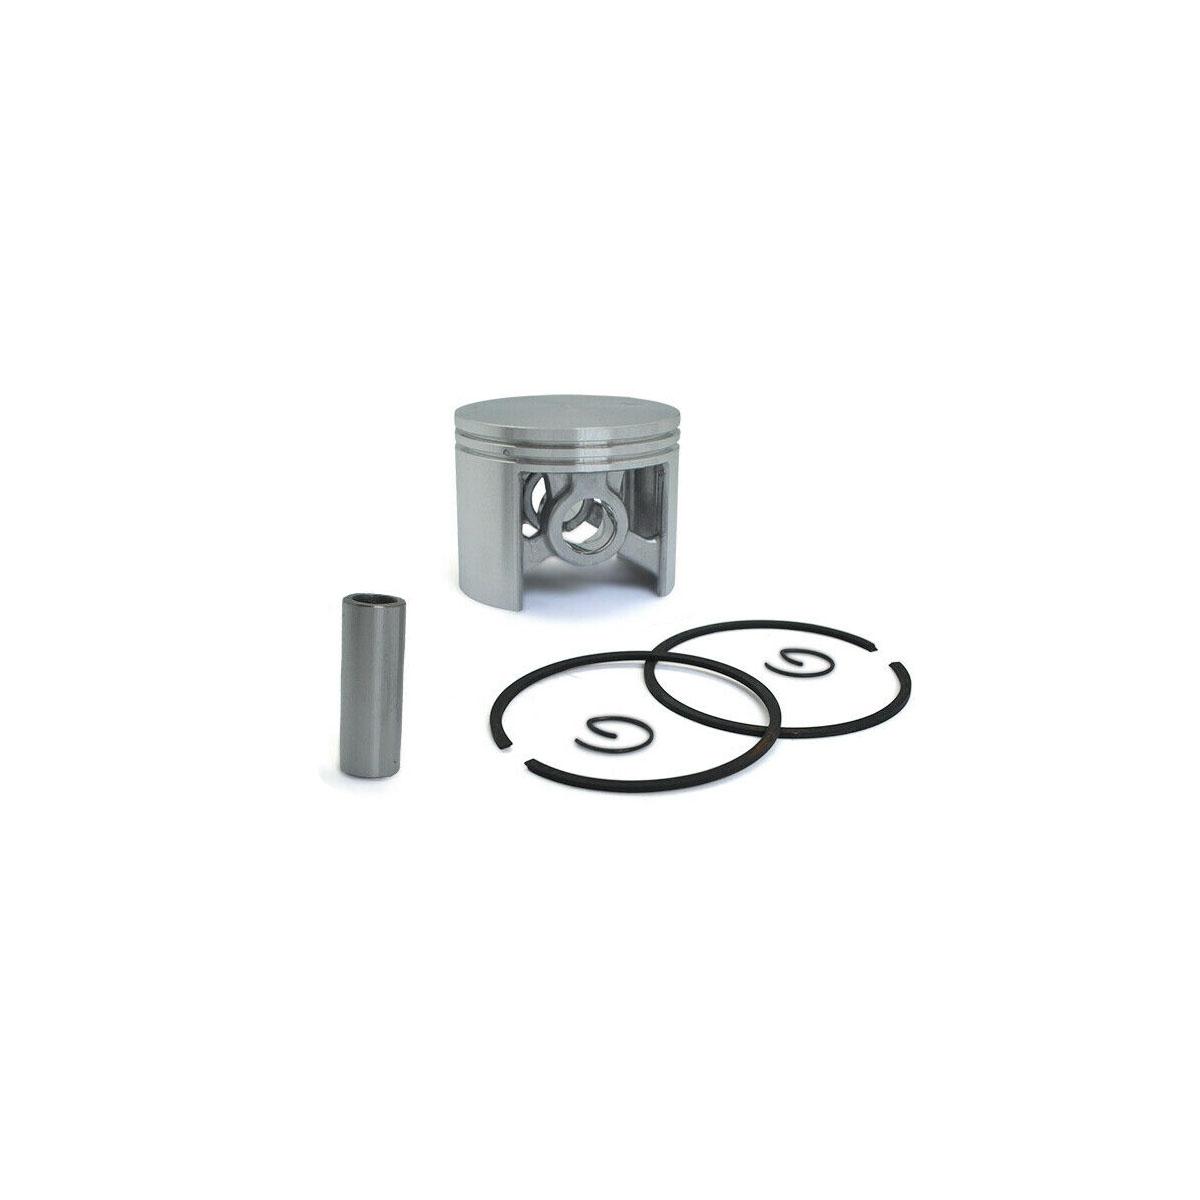 Tronçonneuse pièces TAIWAN Cylinder avec piston Ø 62 mm Kit Pour Stihl 090